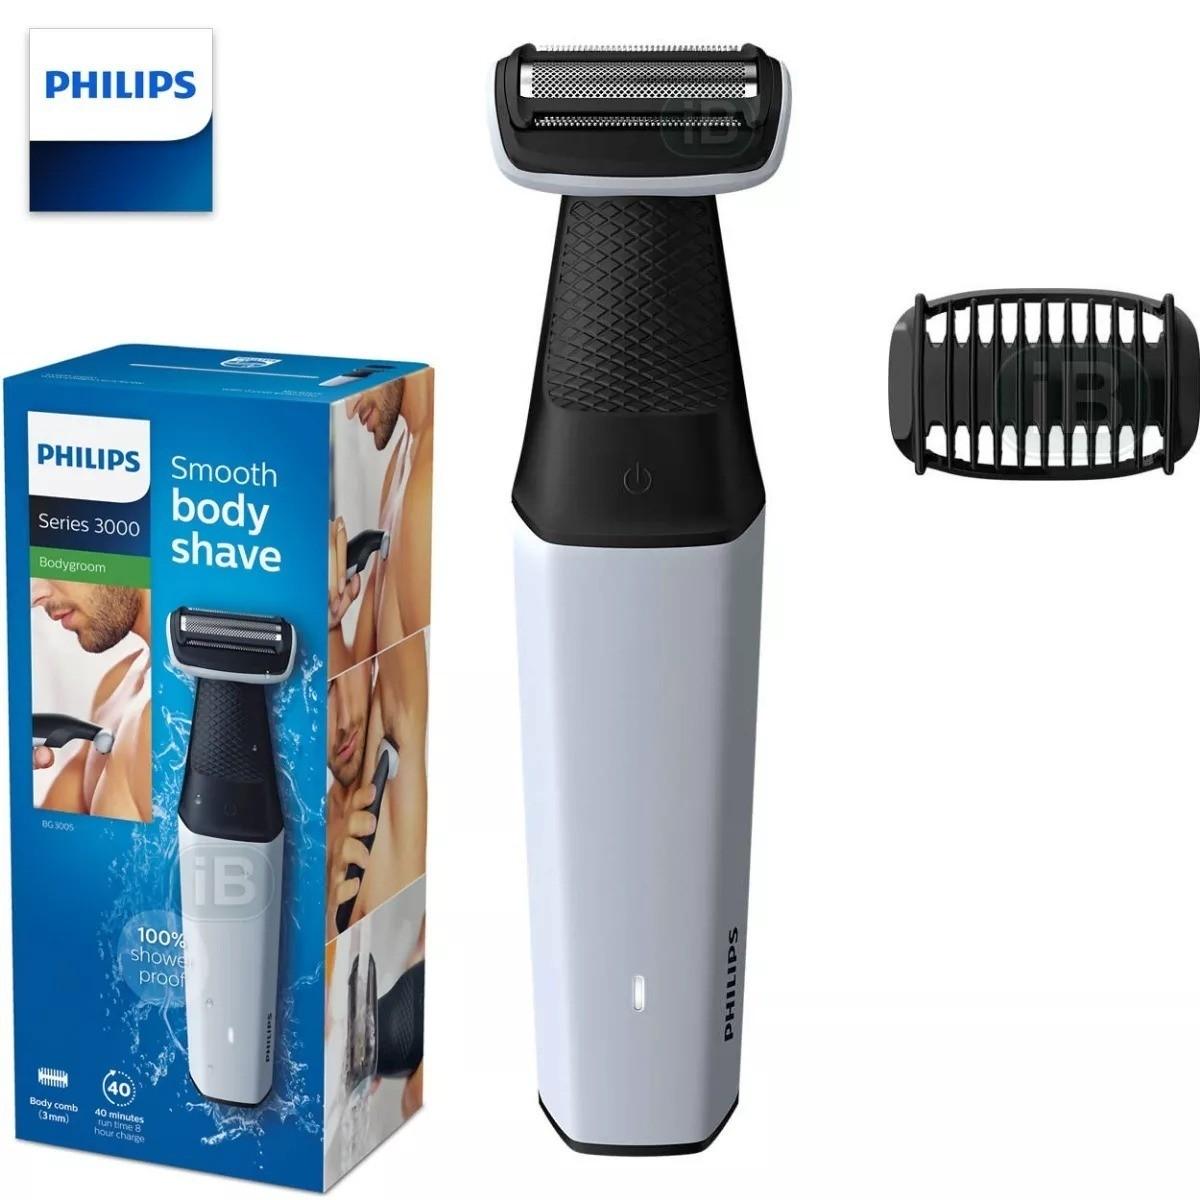 aparador de pelos Philips (Foto: Divulgação)